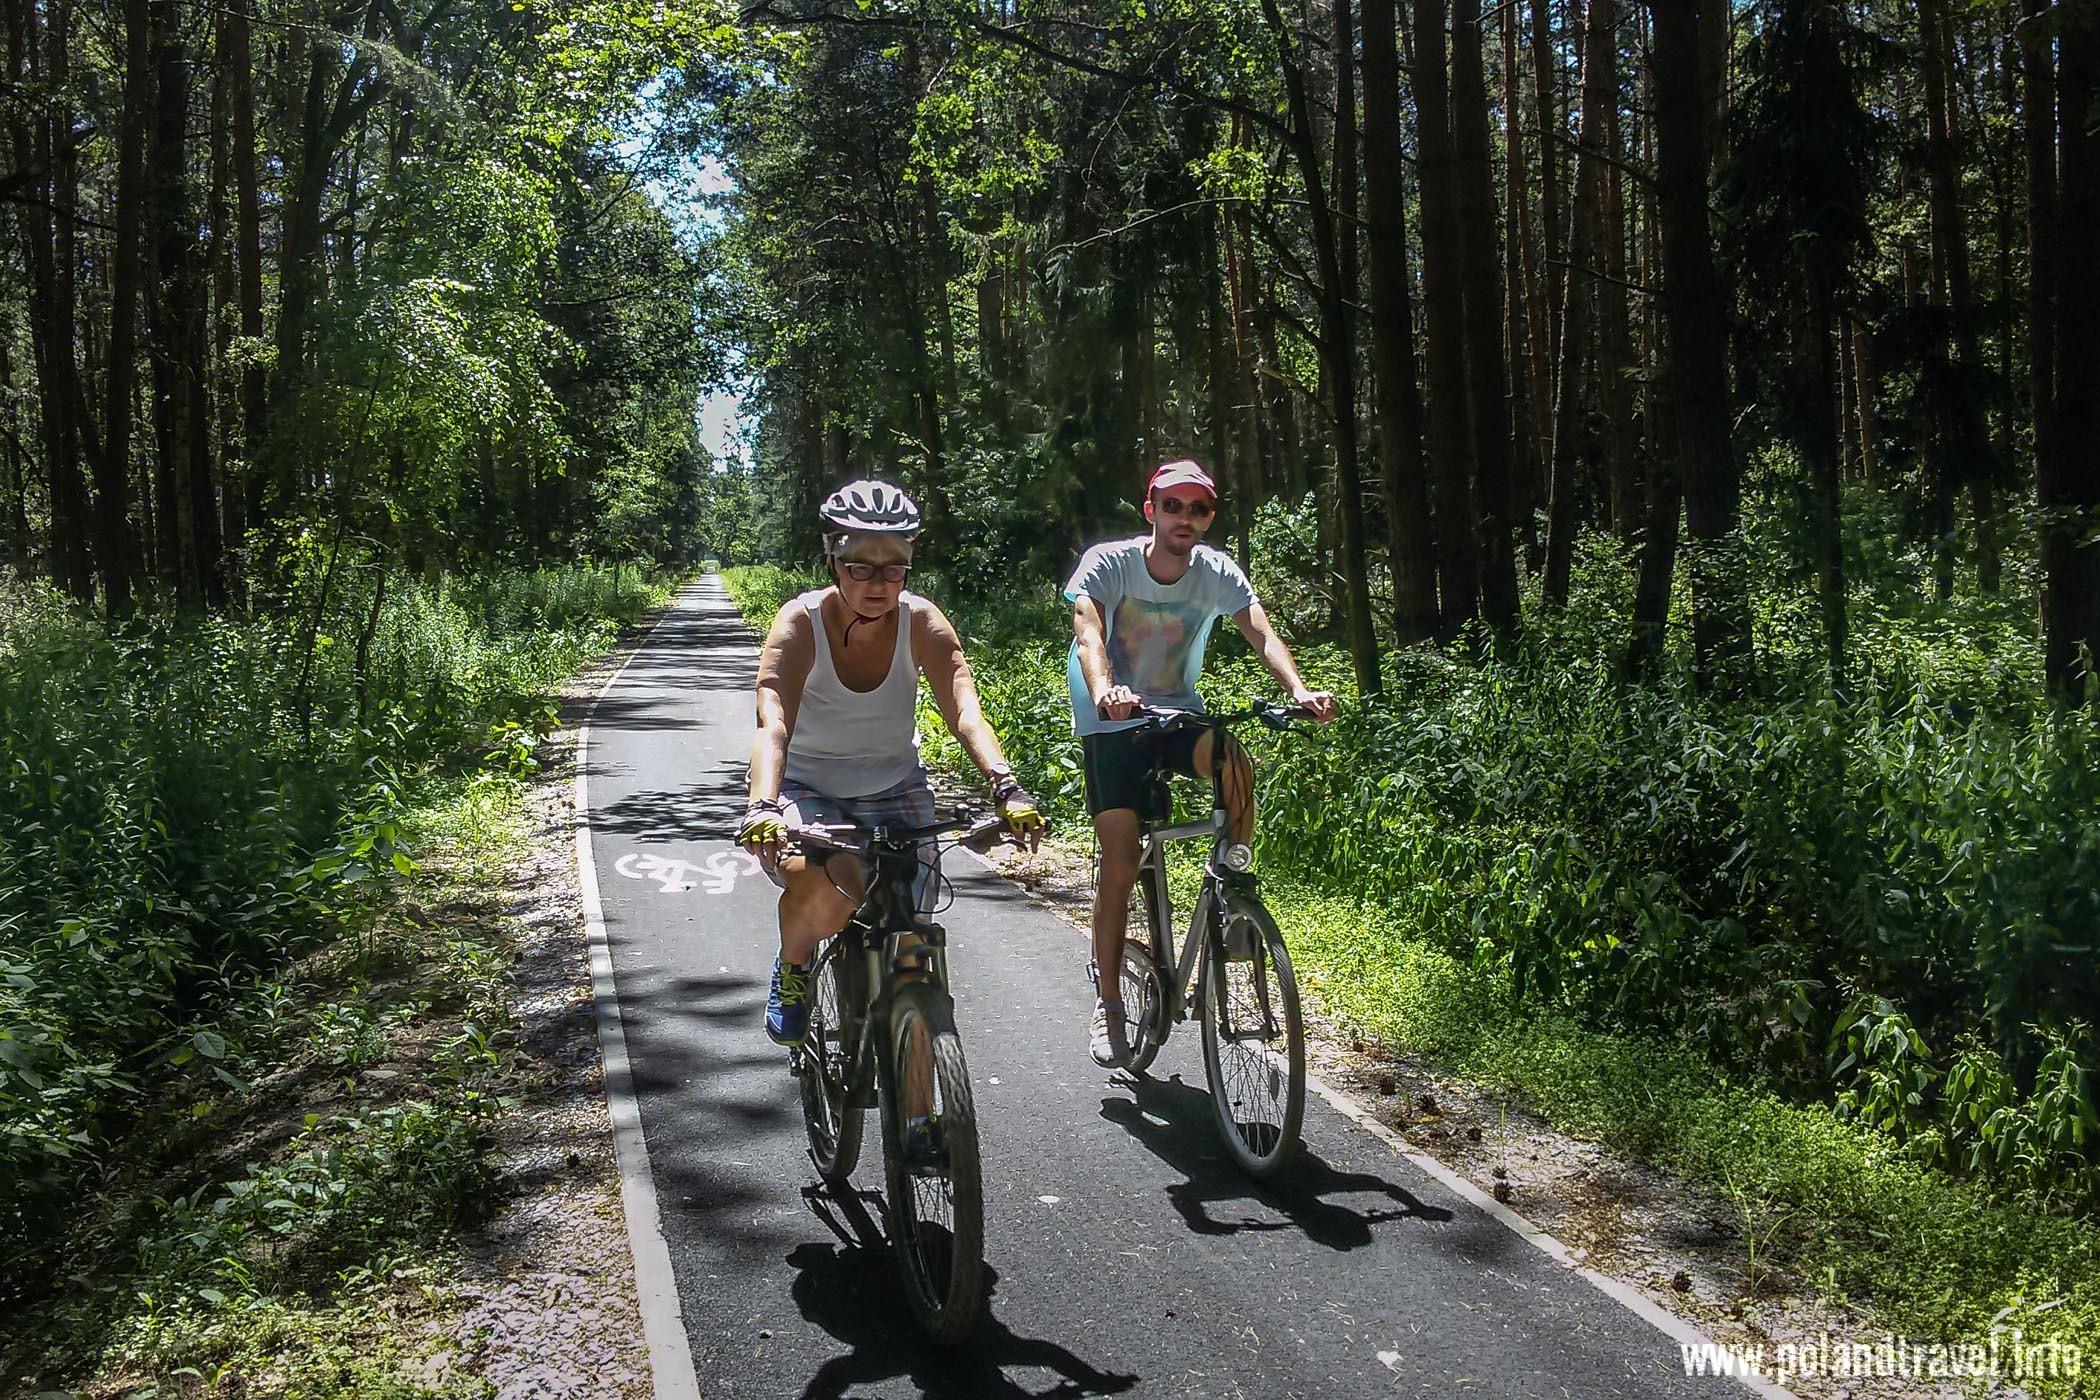 wysoki las z asfaltową ścieżką rowerową i dwoje rowerzystów